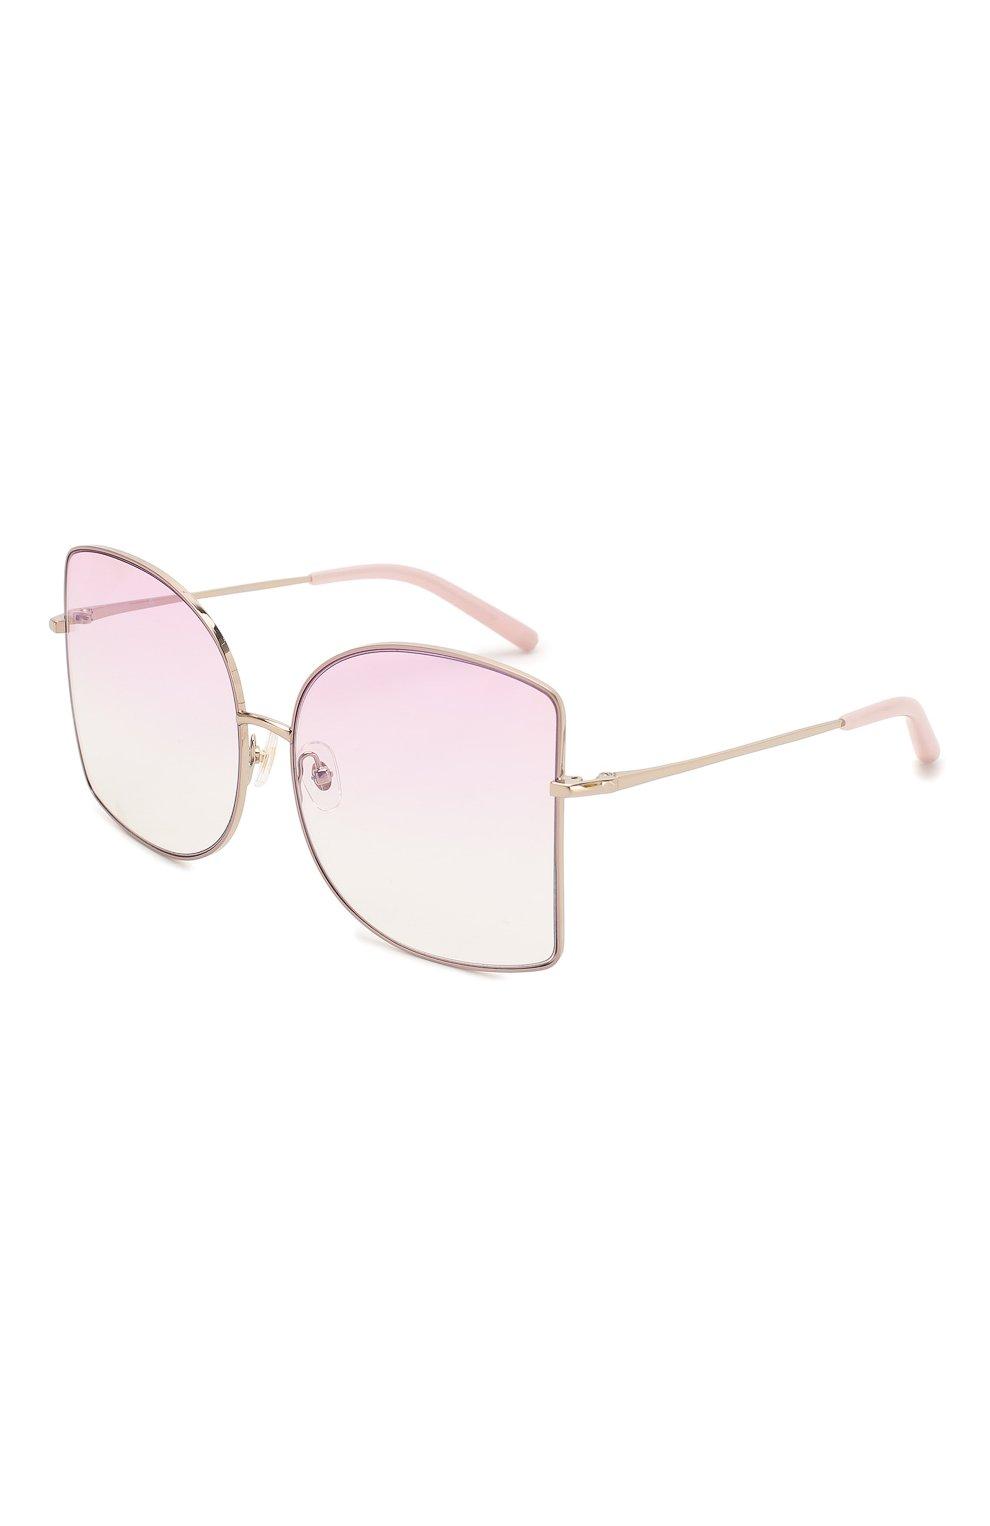 Женские солнцезащитные очки MATTHEW WILLIAMSON светло-розового цвета, арт. MW214C5 SUN   Фото 1